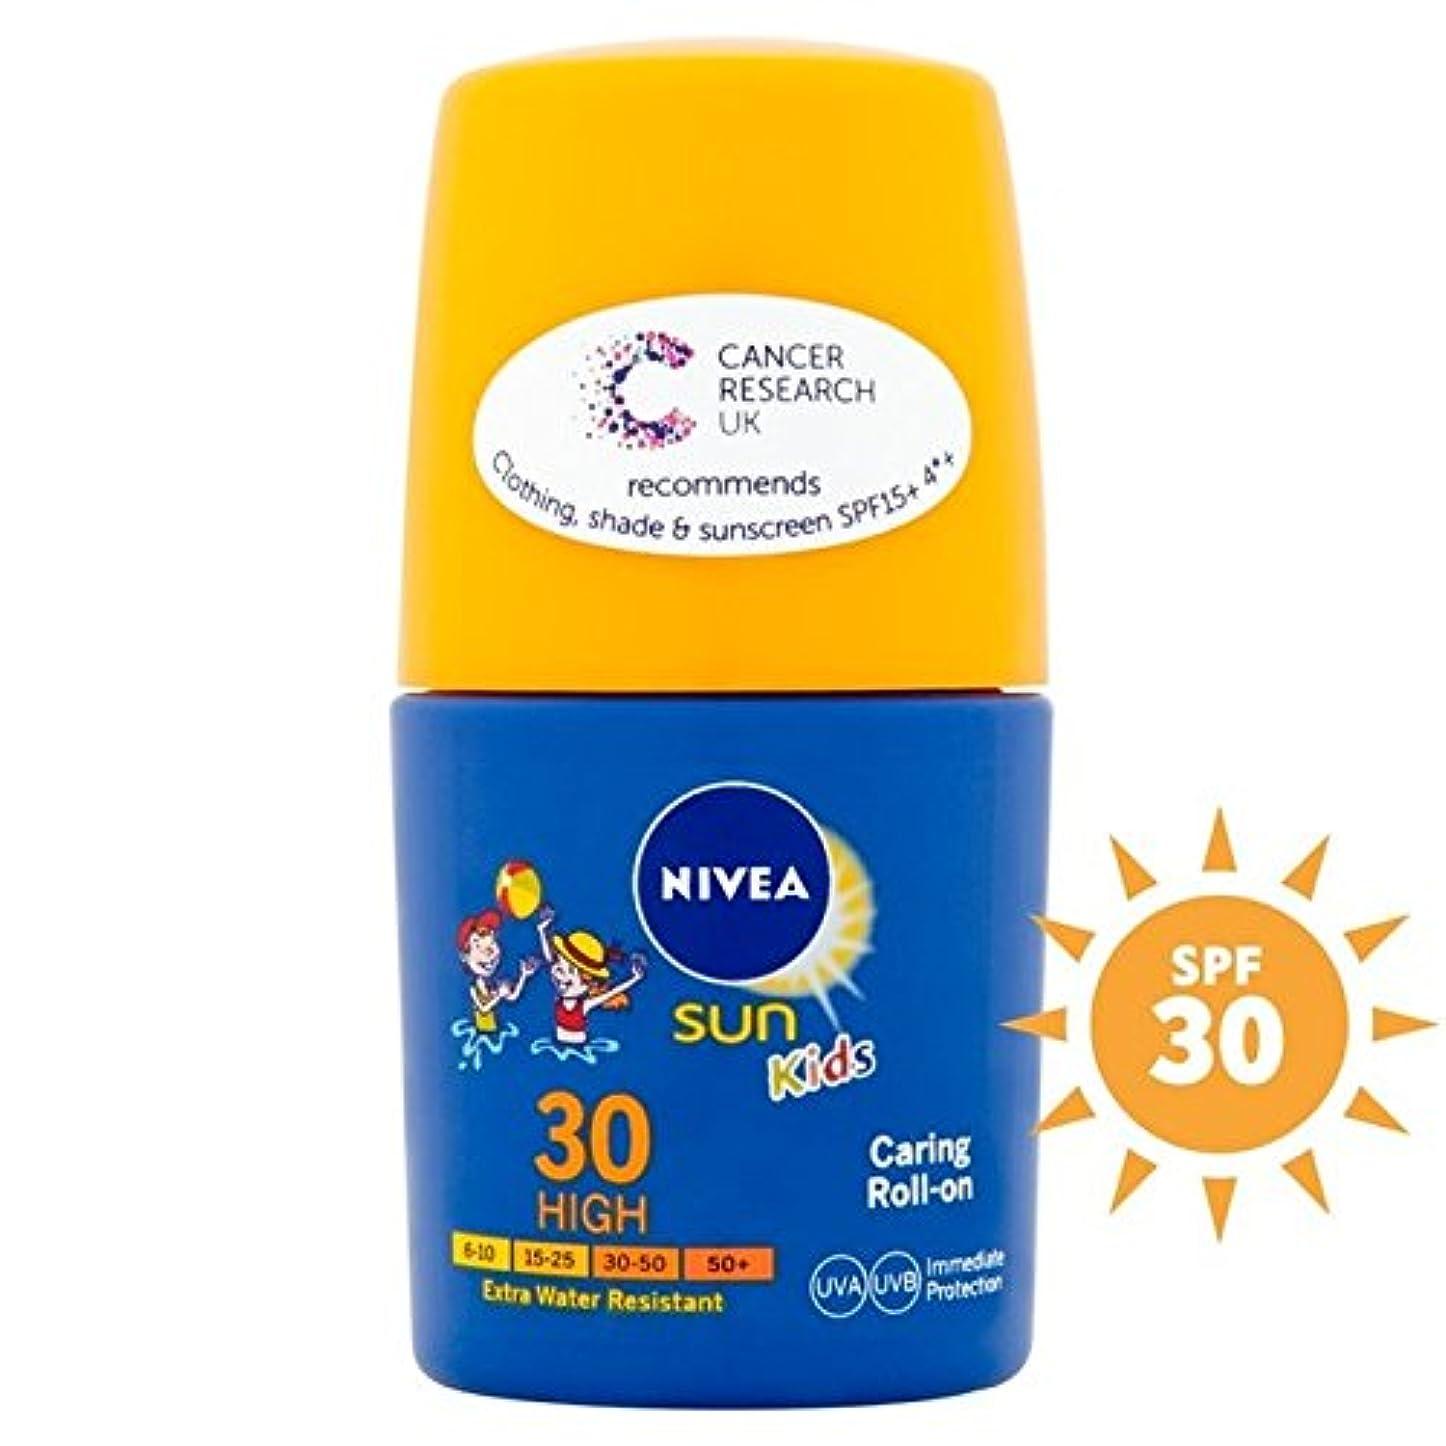 独立して悪質な実際に30の50ミリリットルにロールを気遣うニベアの日の子供たち x2 - Nivea Sun Kids Caring Roll On SPF30 50ml (Pack of 2) [並行輸入品]